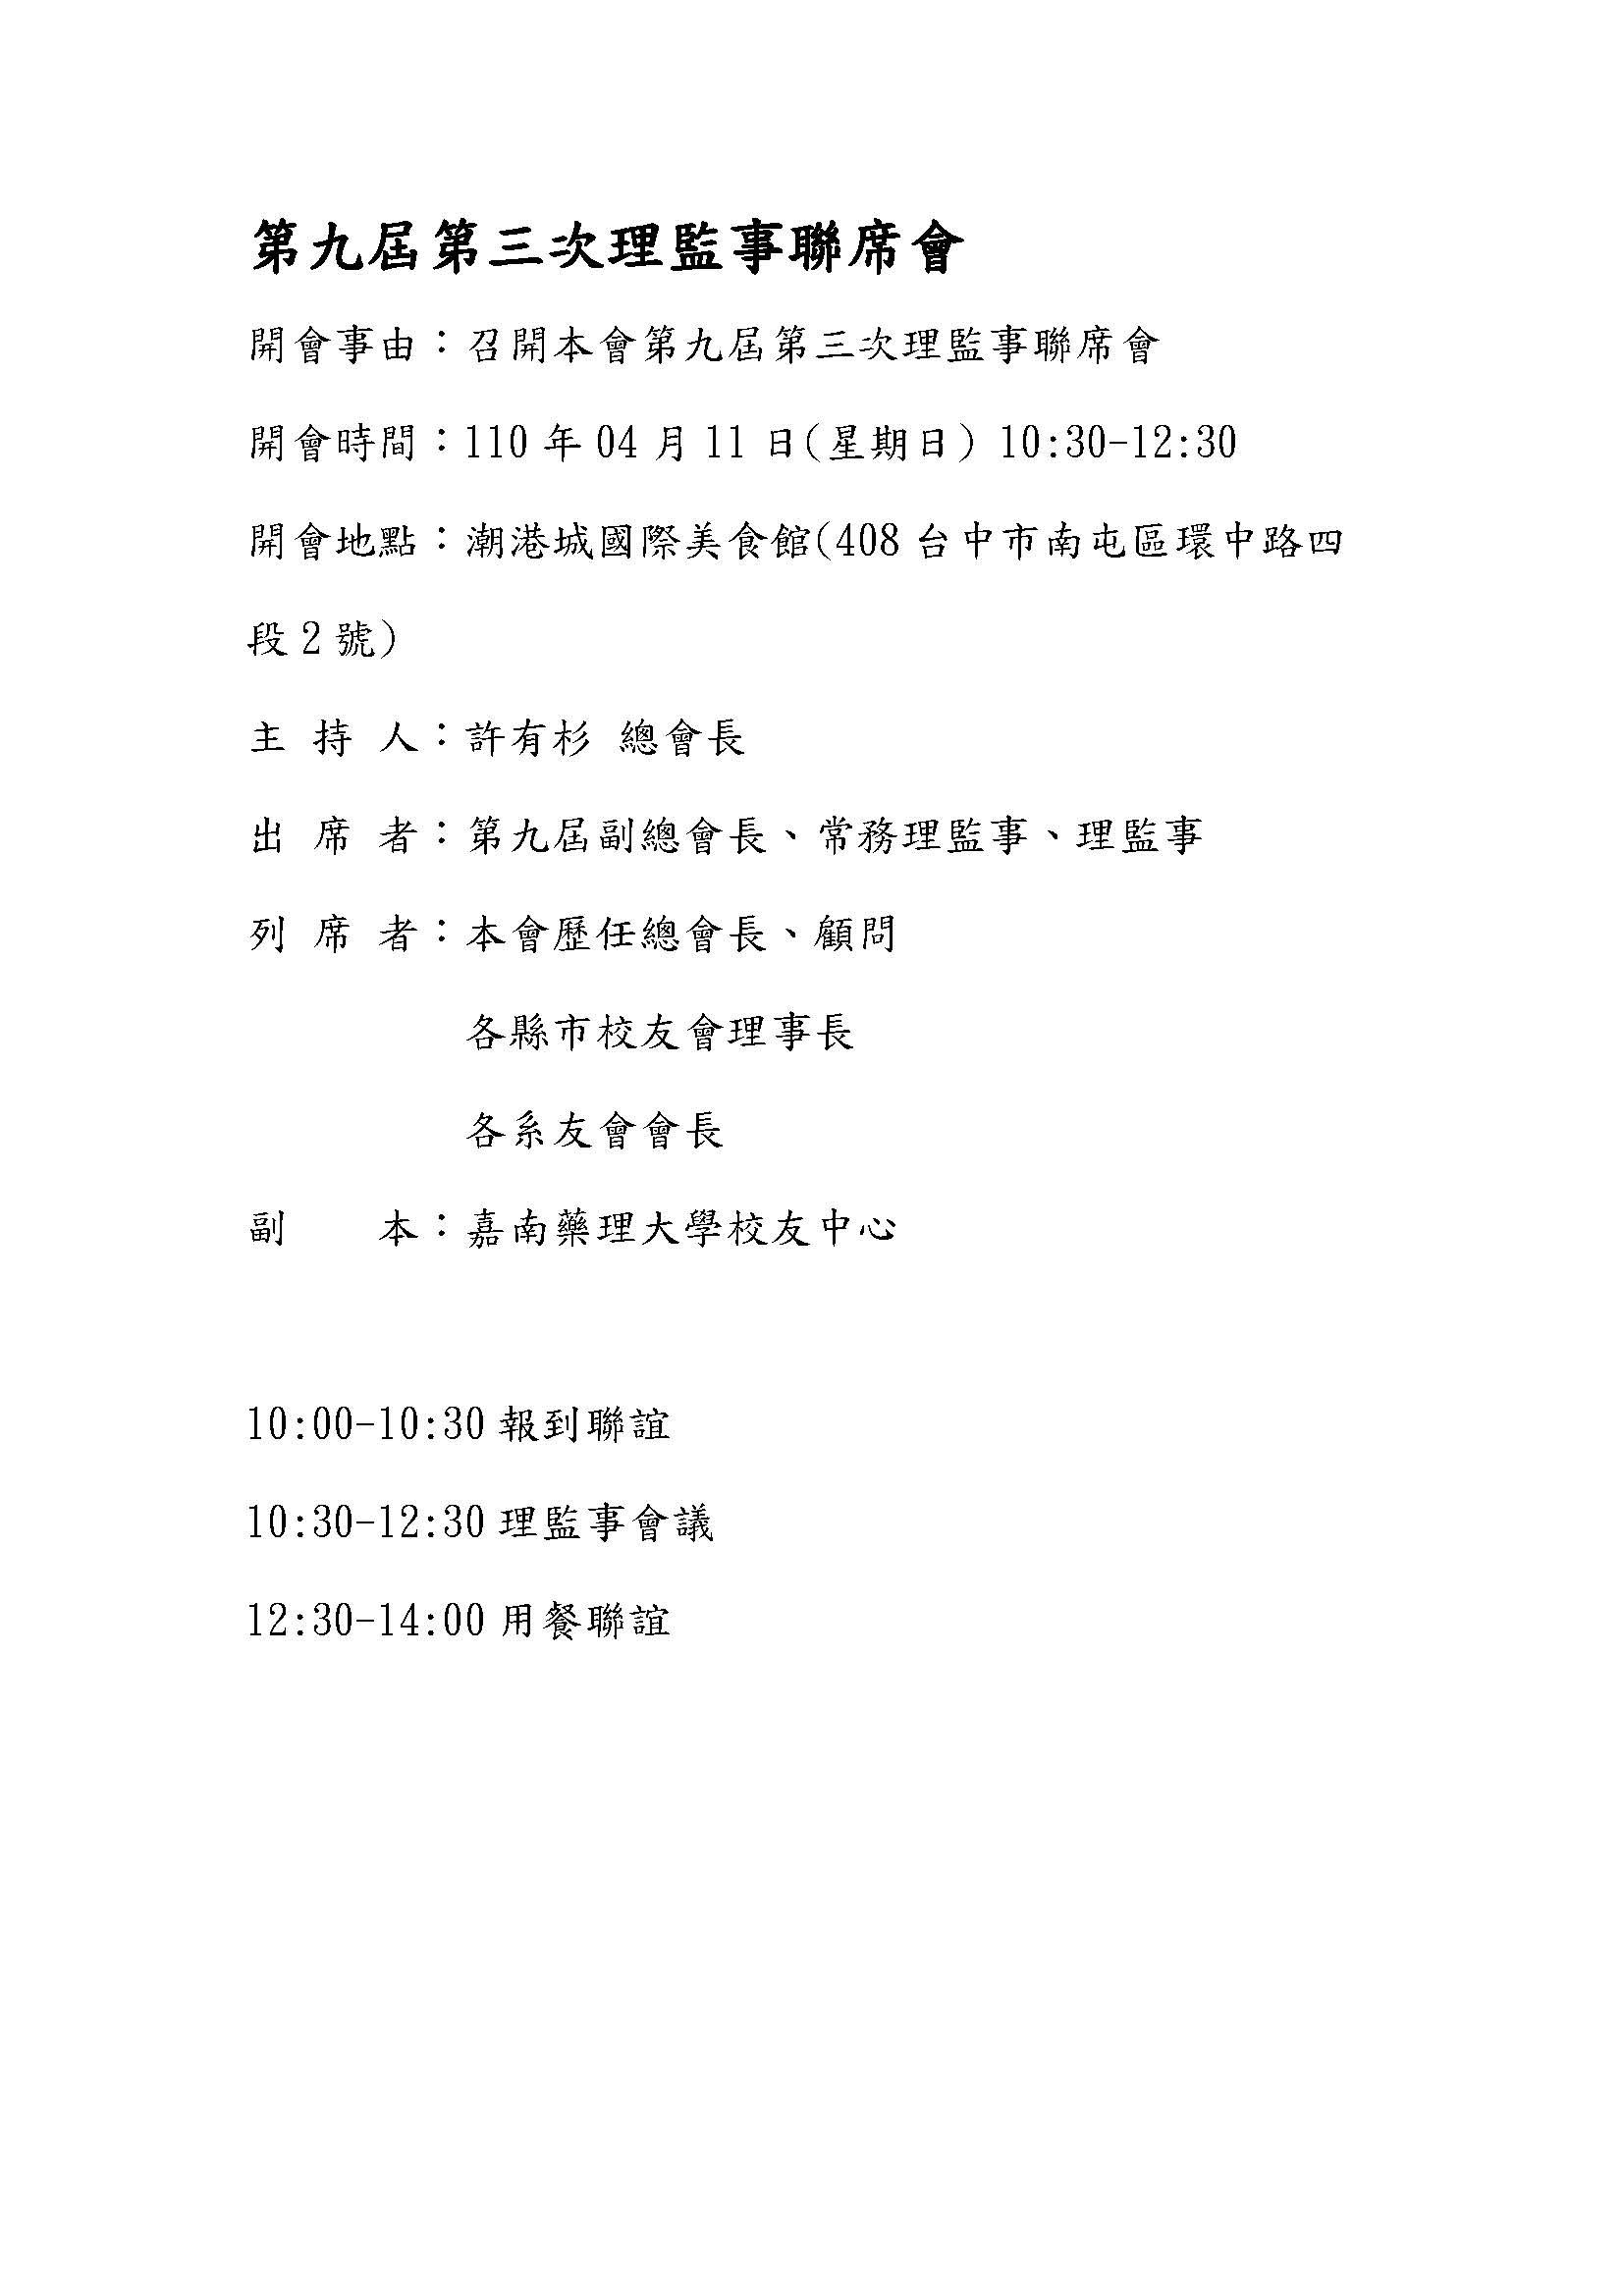 台中市校友會第九屆第三次理監事聯席會議110.04.11